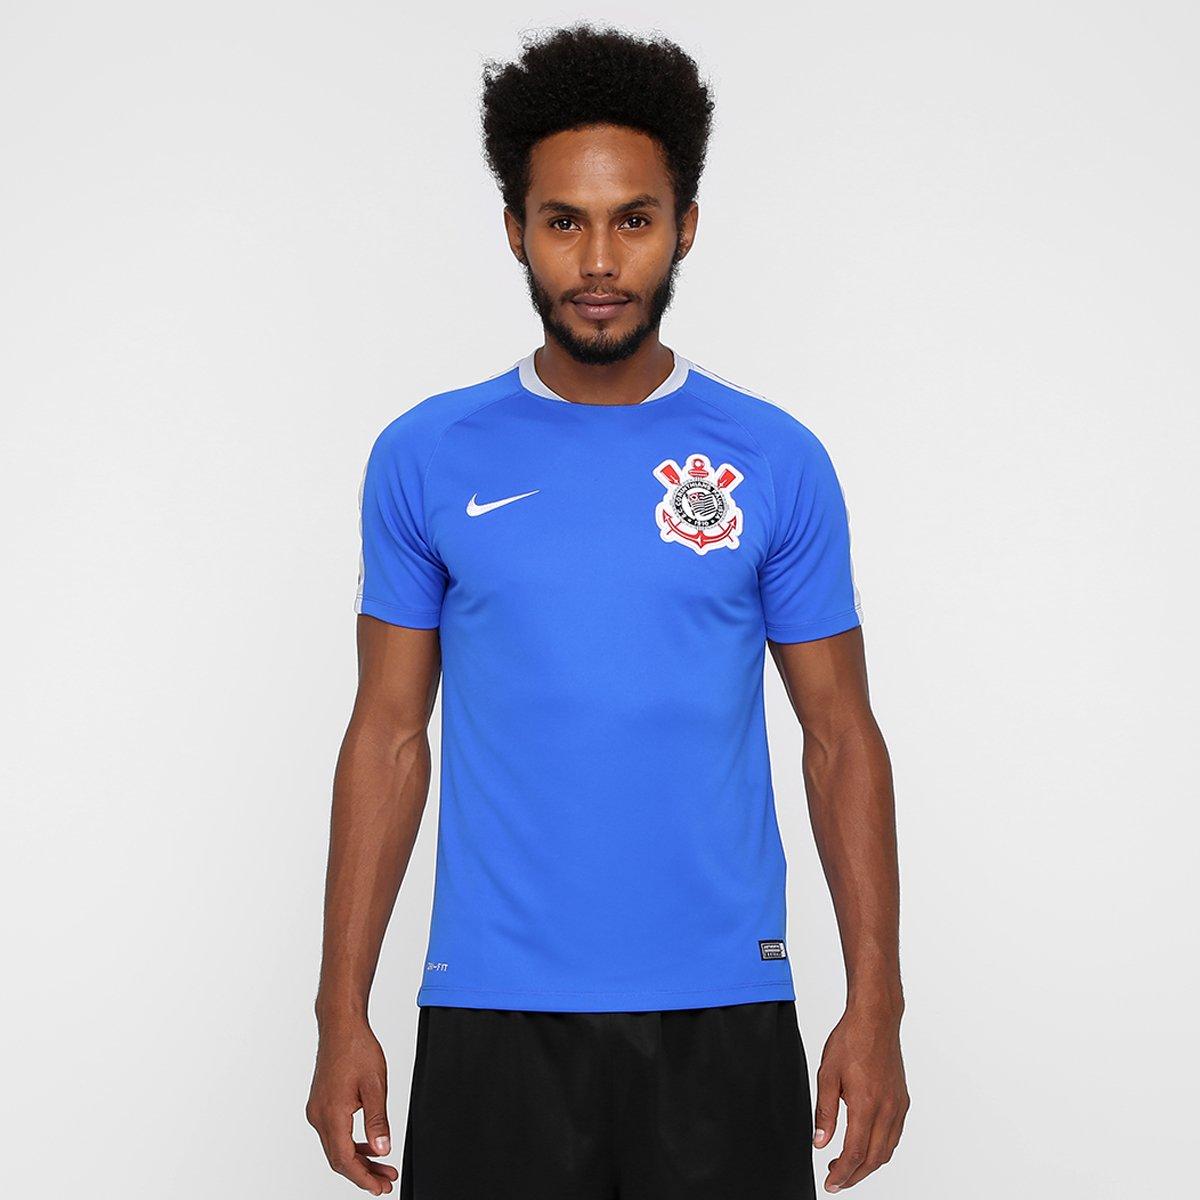 93ae6a09a23fa Camisa de Treino Corinthians 2016 Nike Masculina - Compre Agora ...